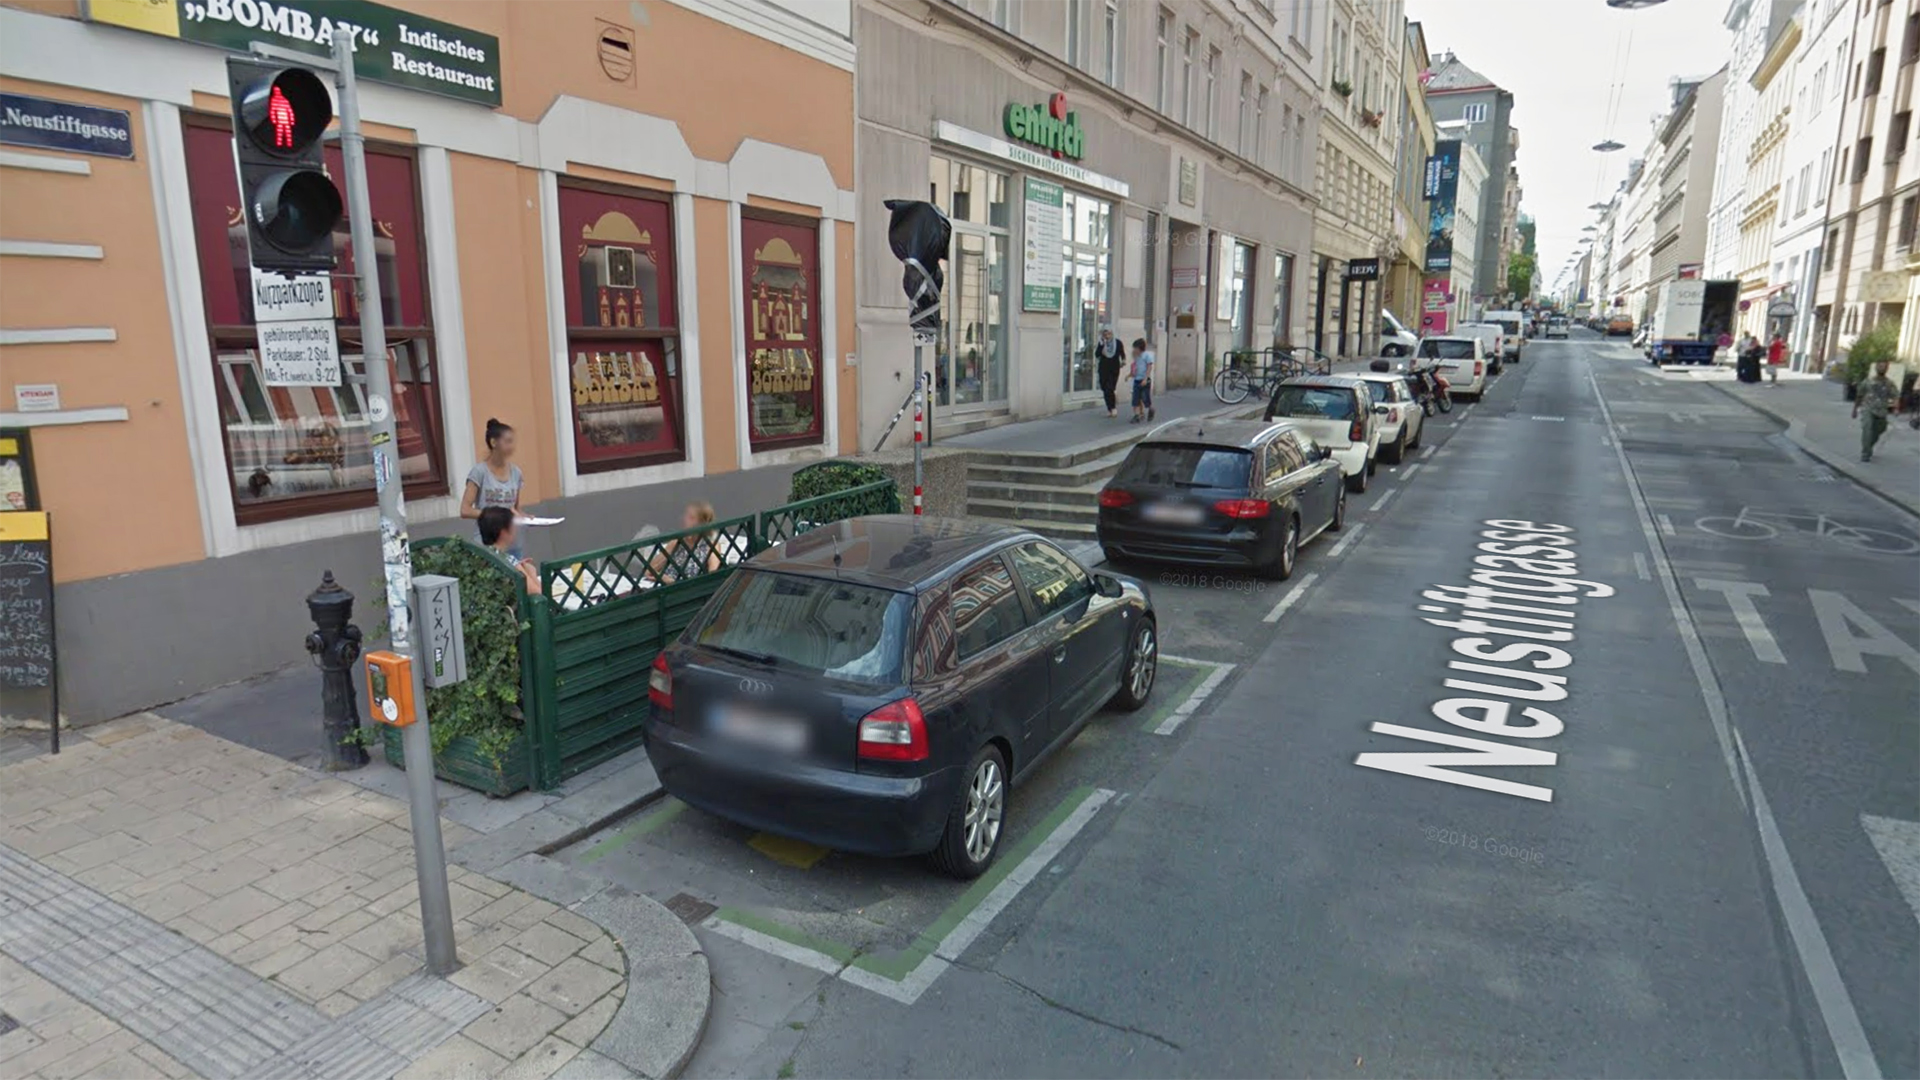 Fußgängerweg in der Neustiftgasse 67-71 in Wien - mit Stufen